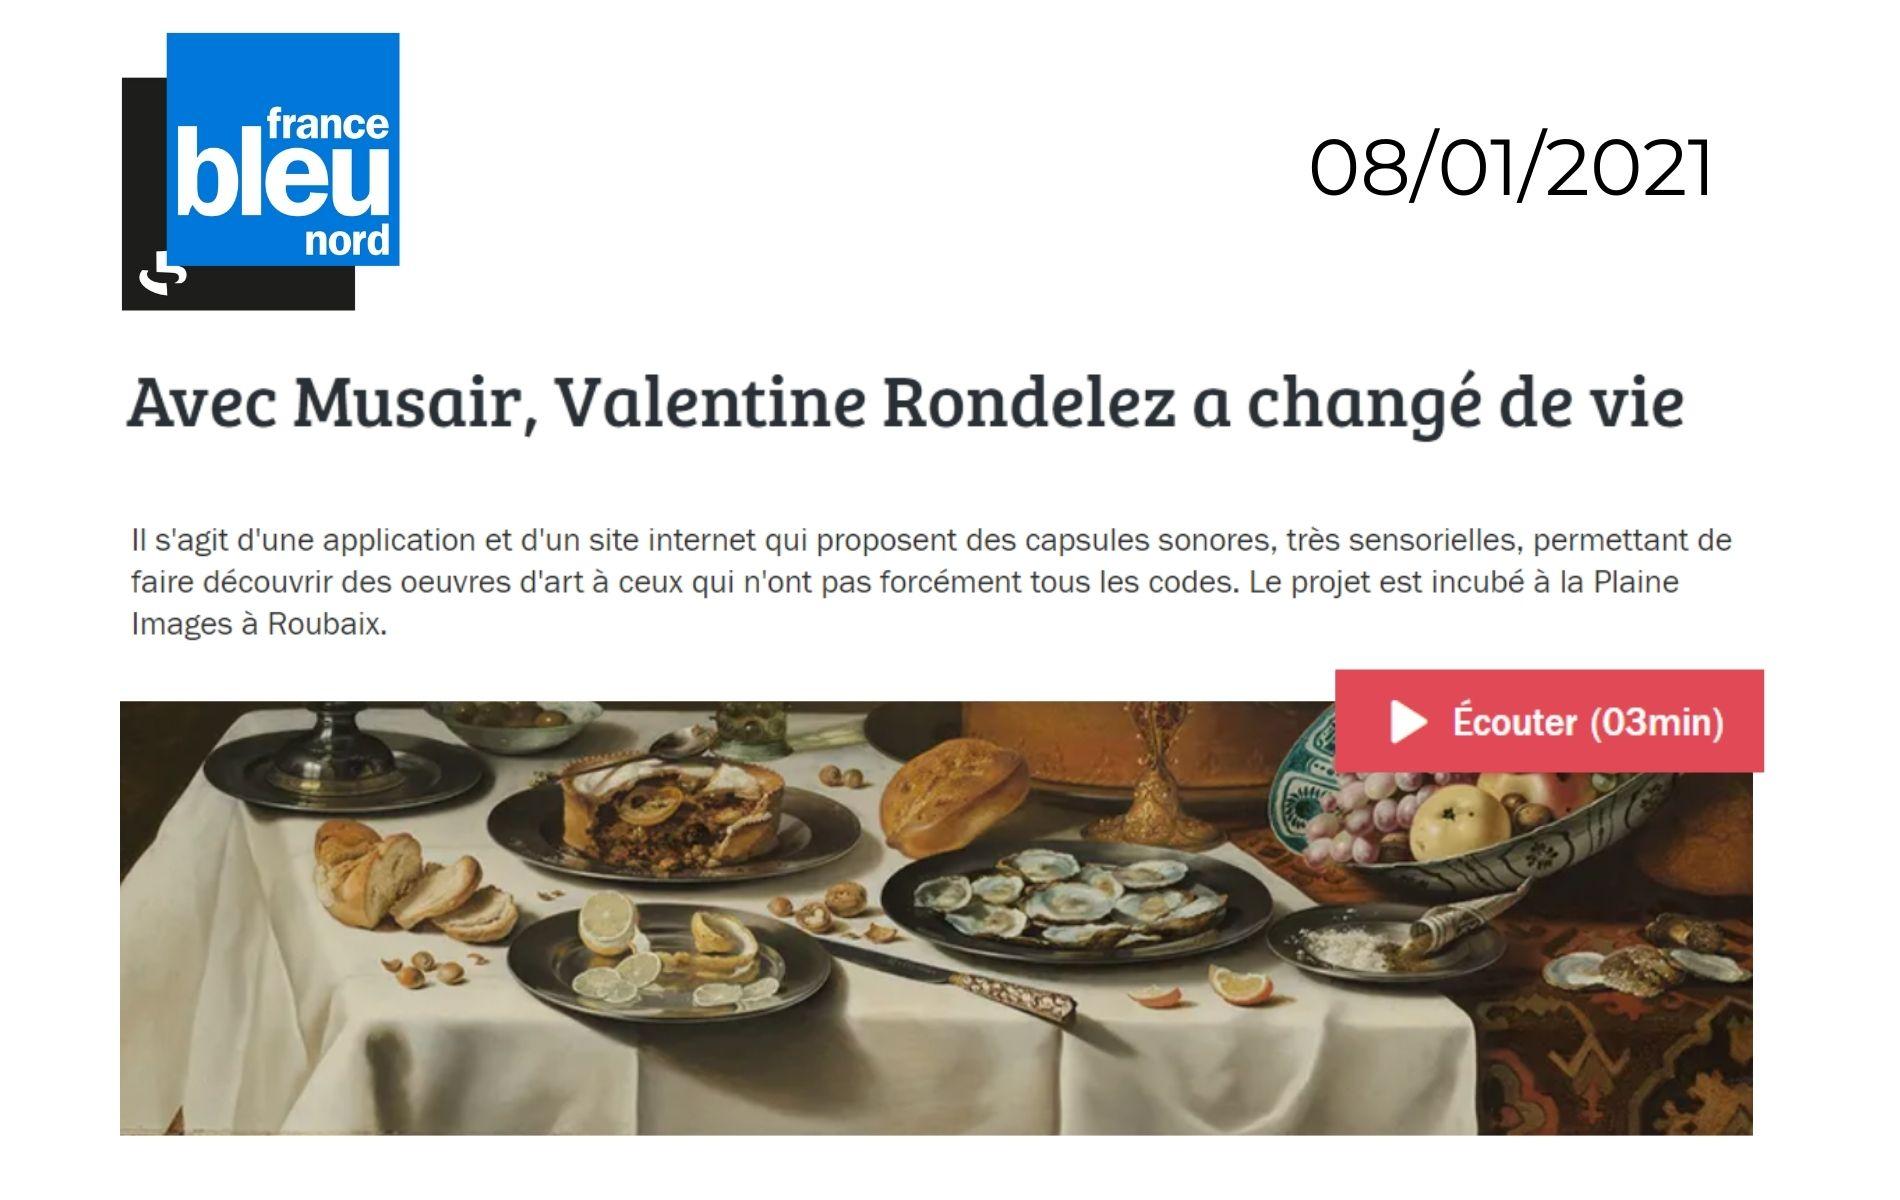 Valentine Rondelez france bleu nord